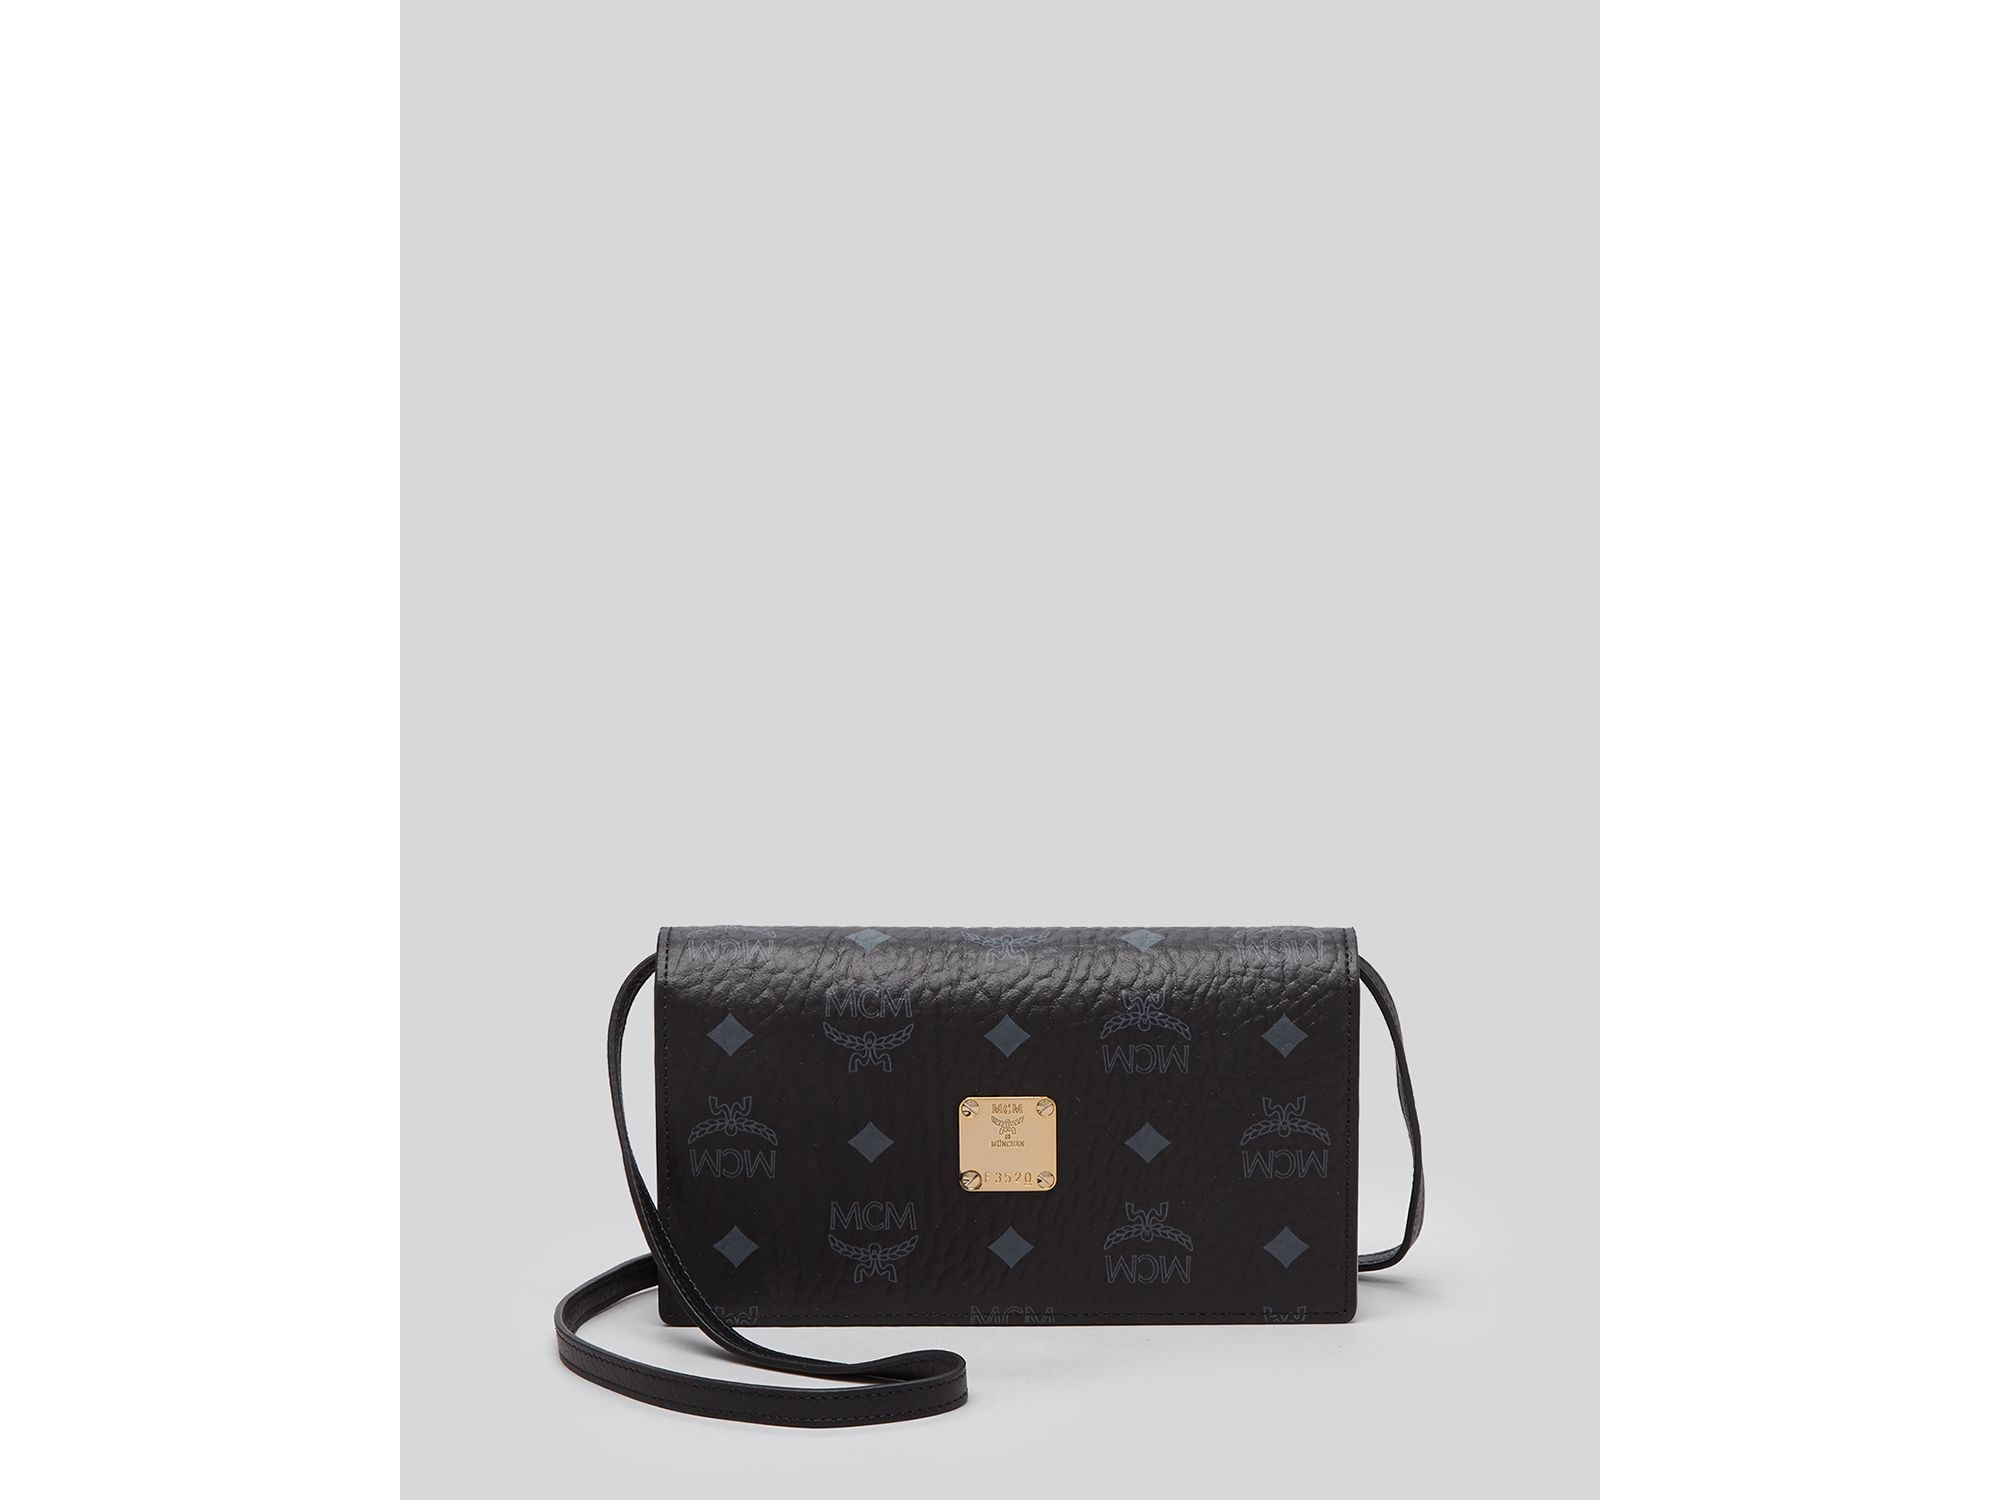 Lyst - Mcm Crossbody - Visetos Colorblock Wallet in Black